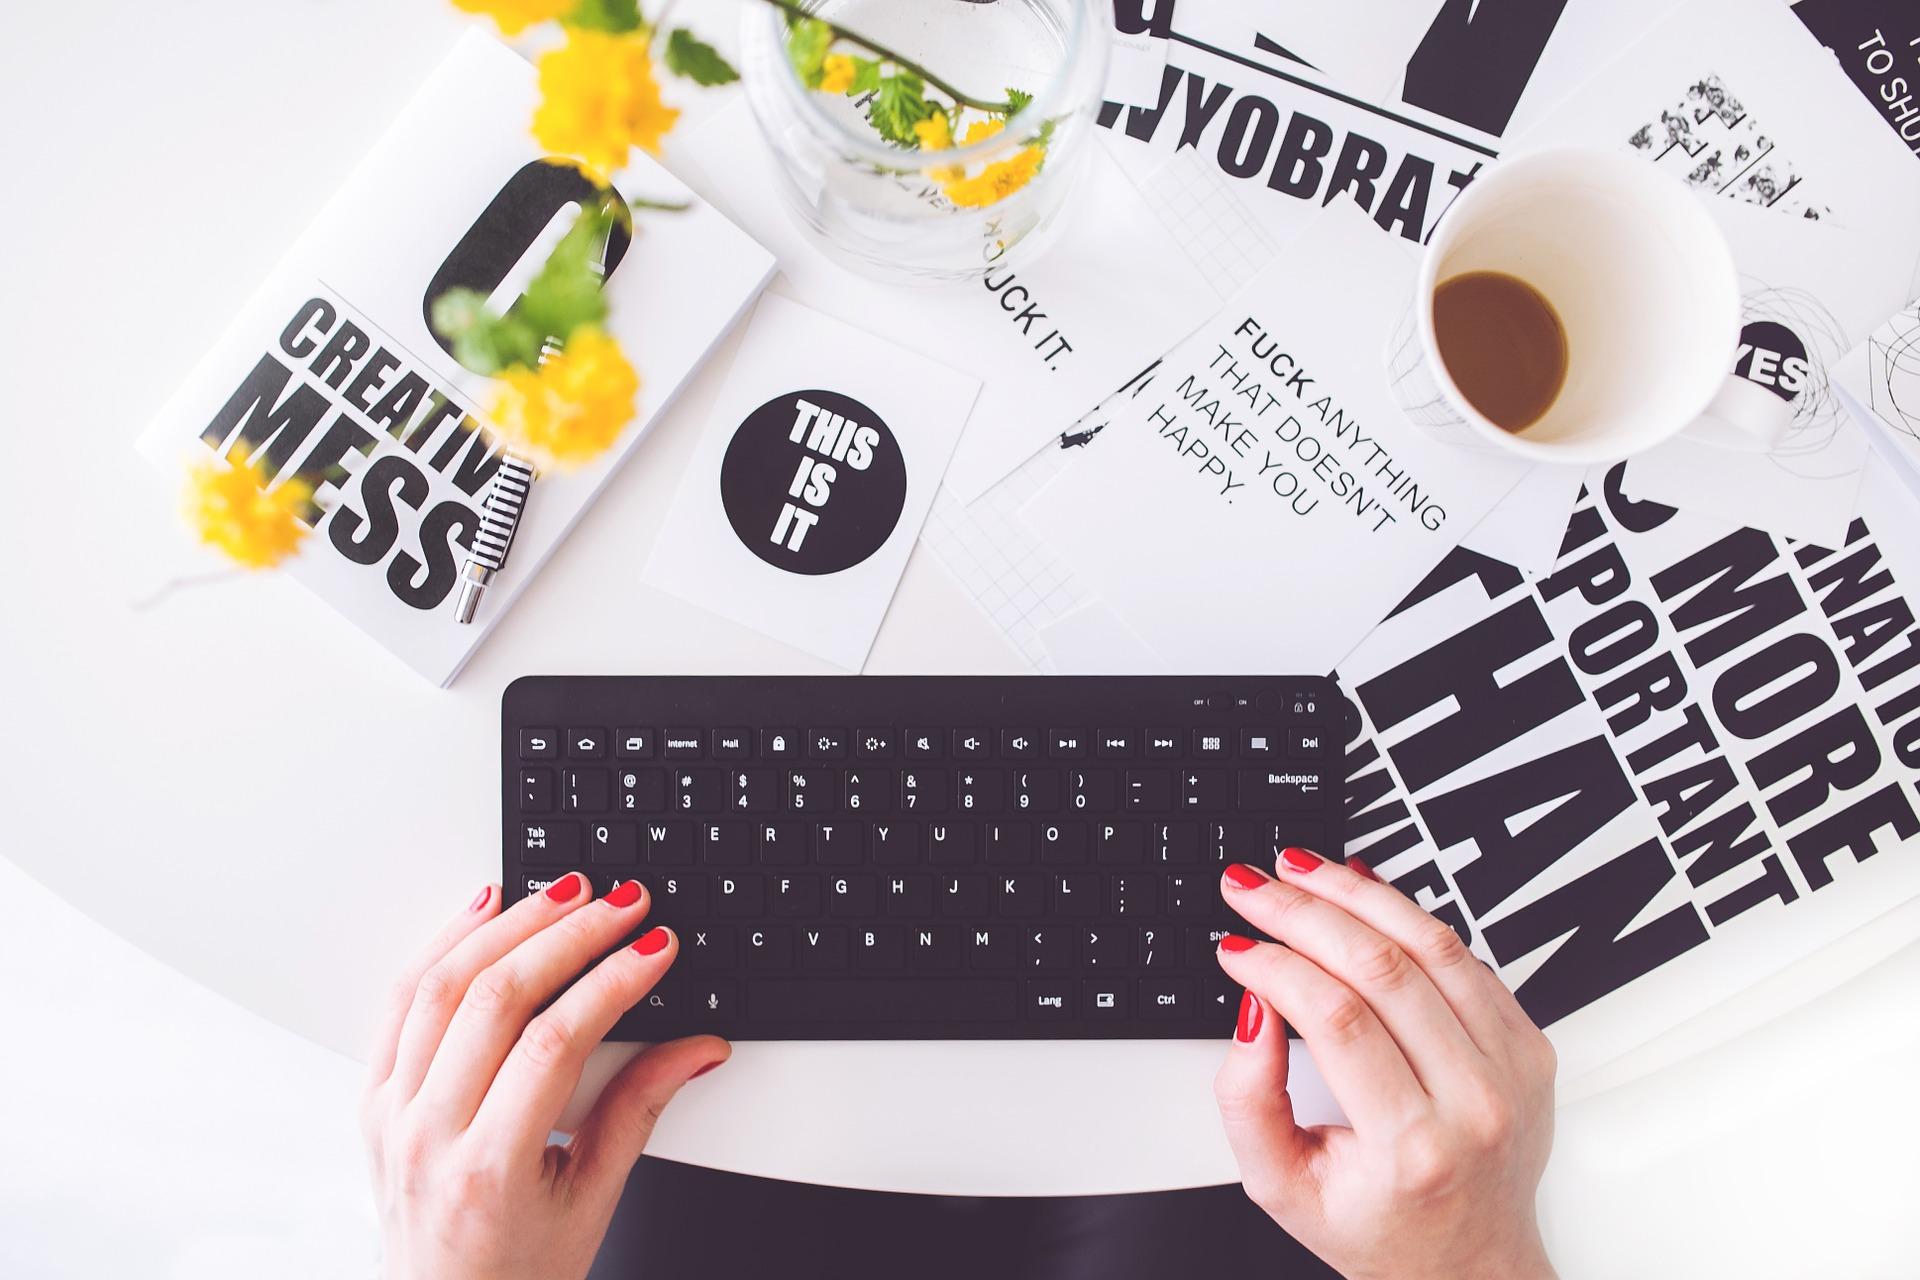 Blogger a confronto